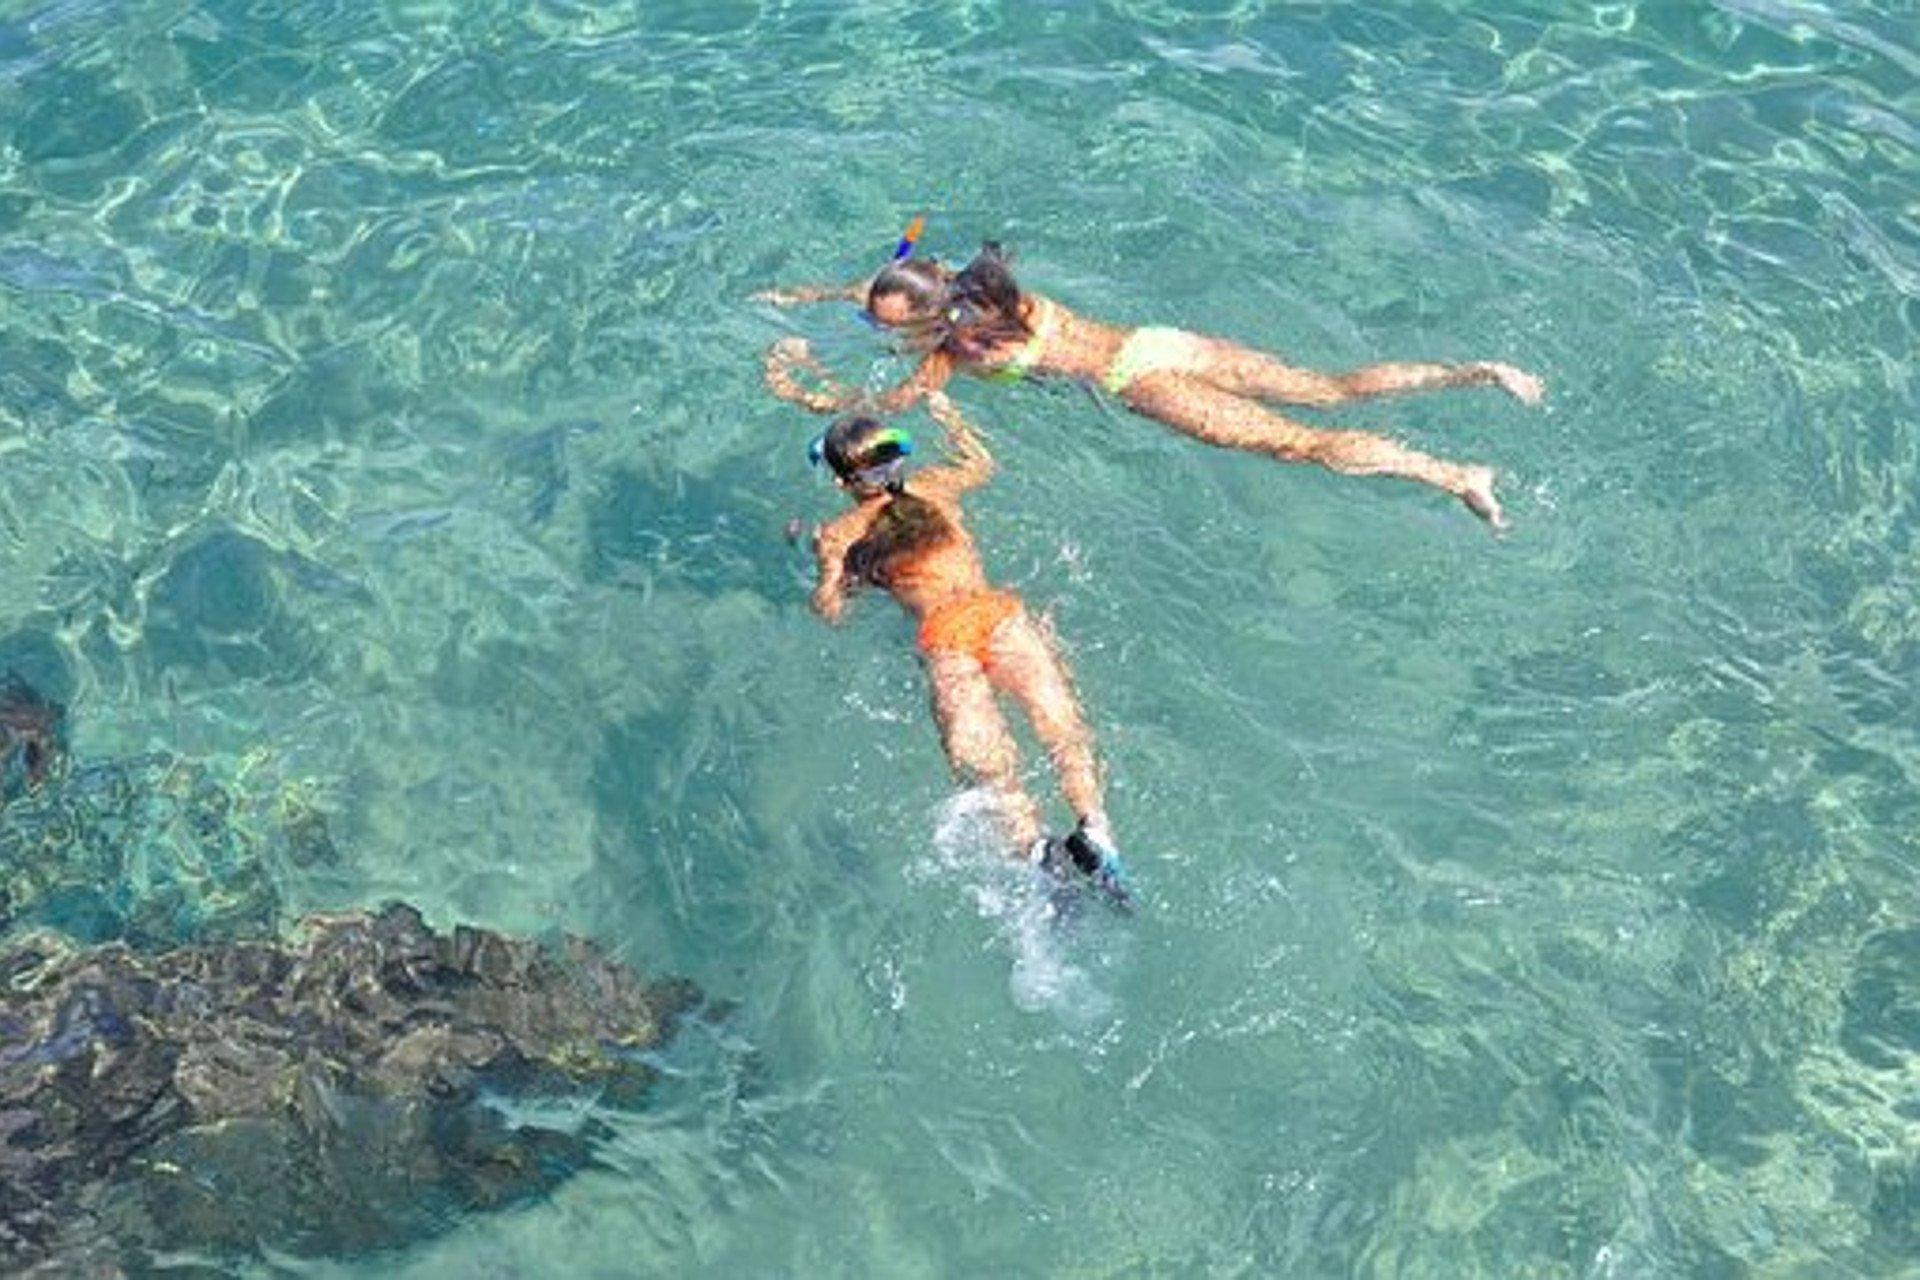 deux jeunes plongeuses dans une eau limpide